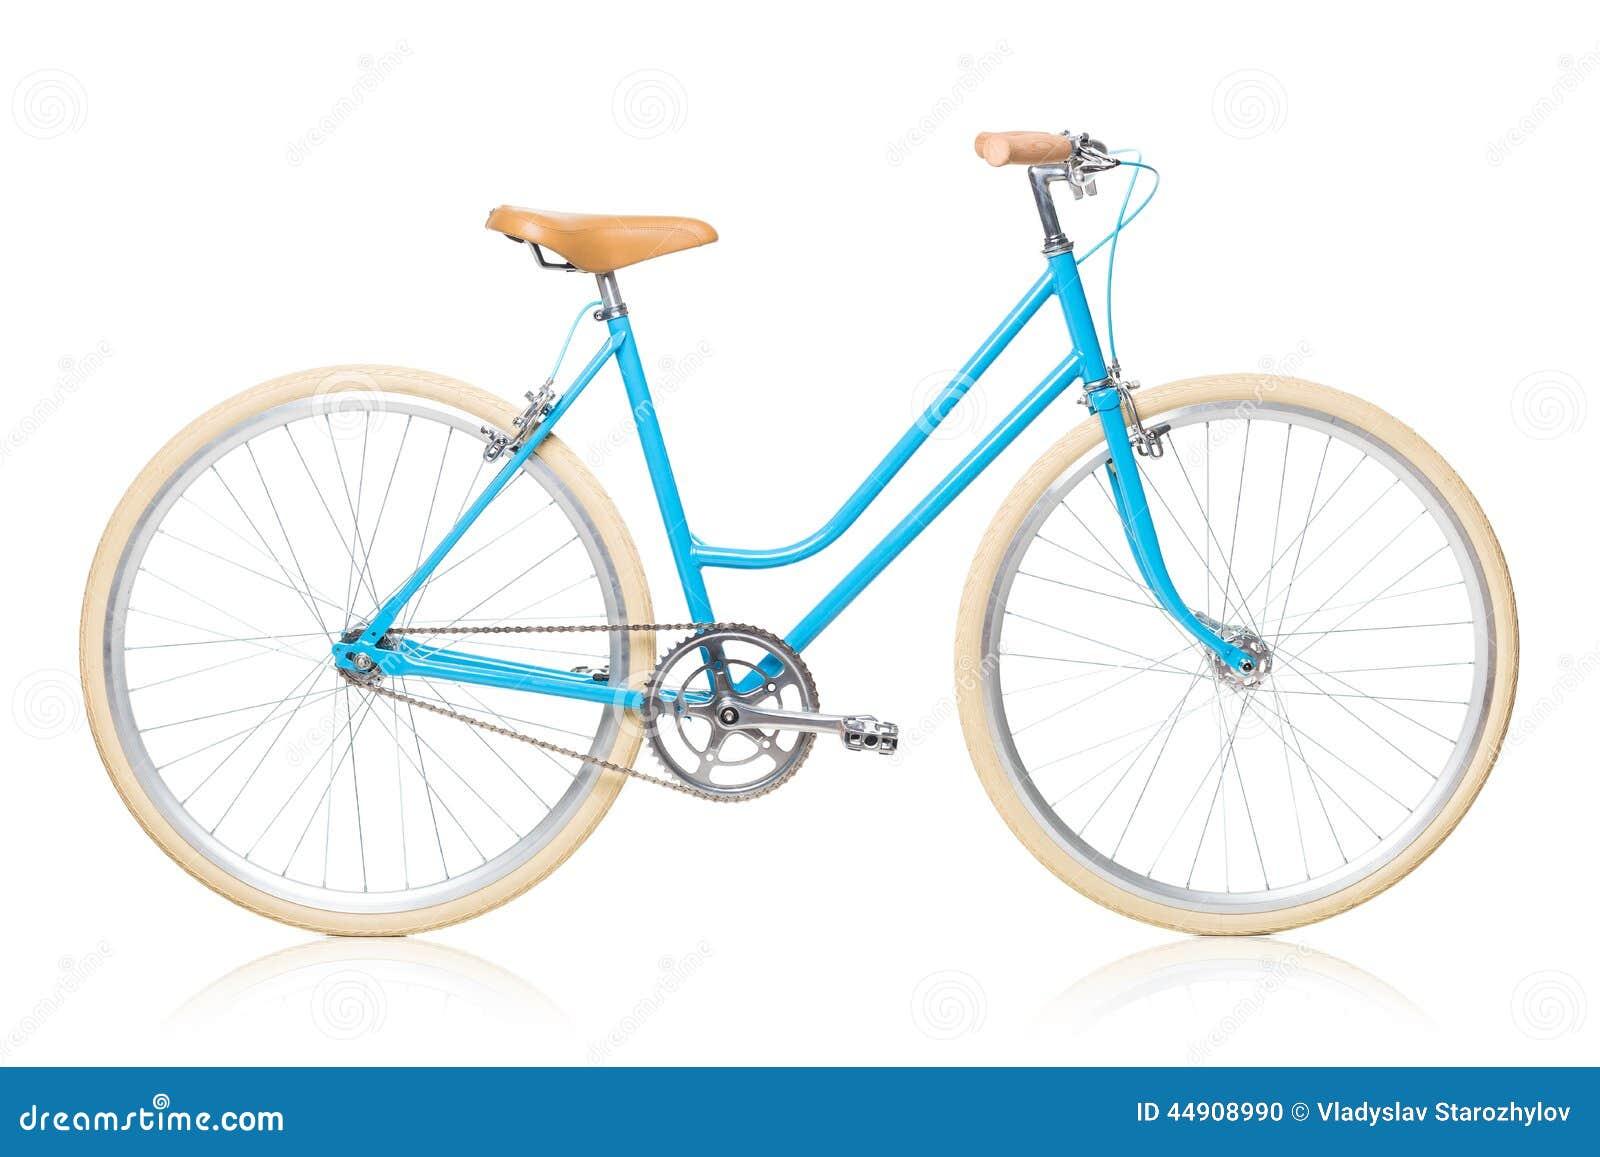 Bicicleta azul para mujer elegante aislada en blanco foto - La bici azul ...